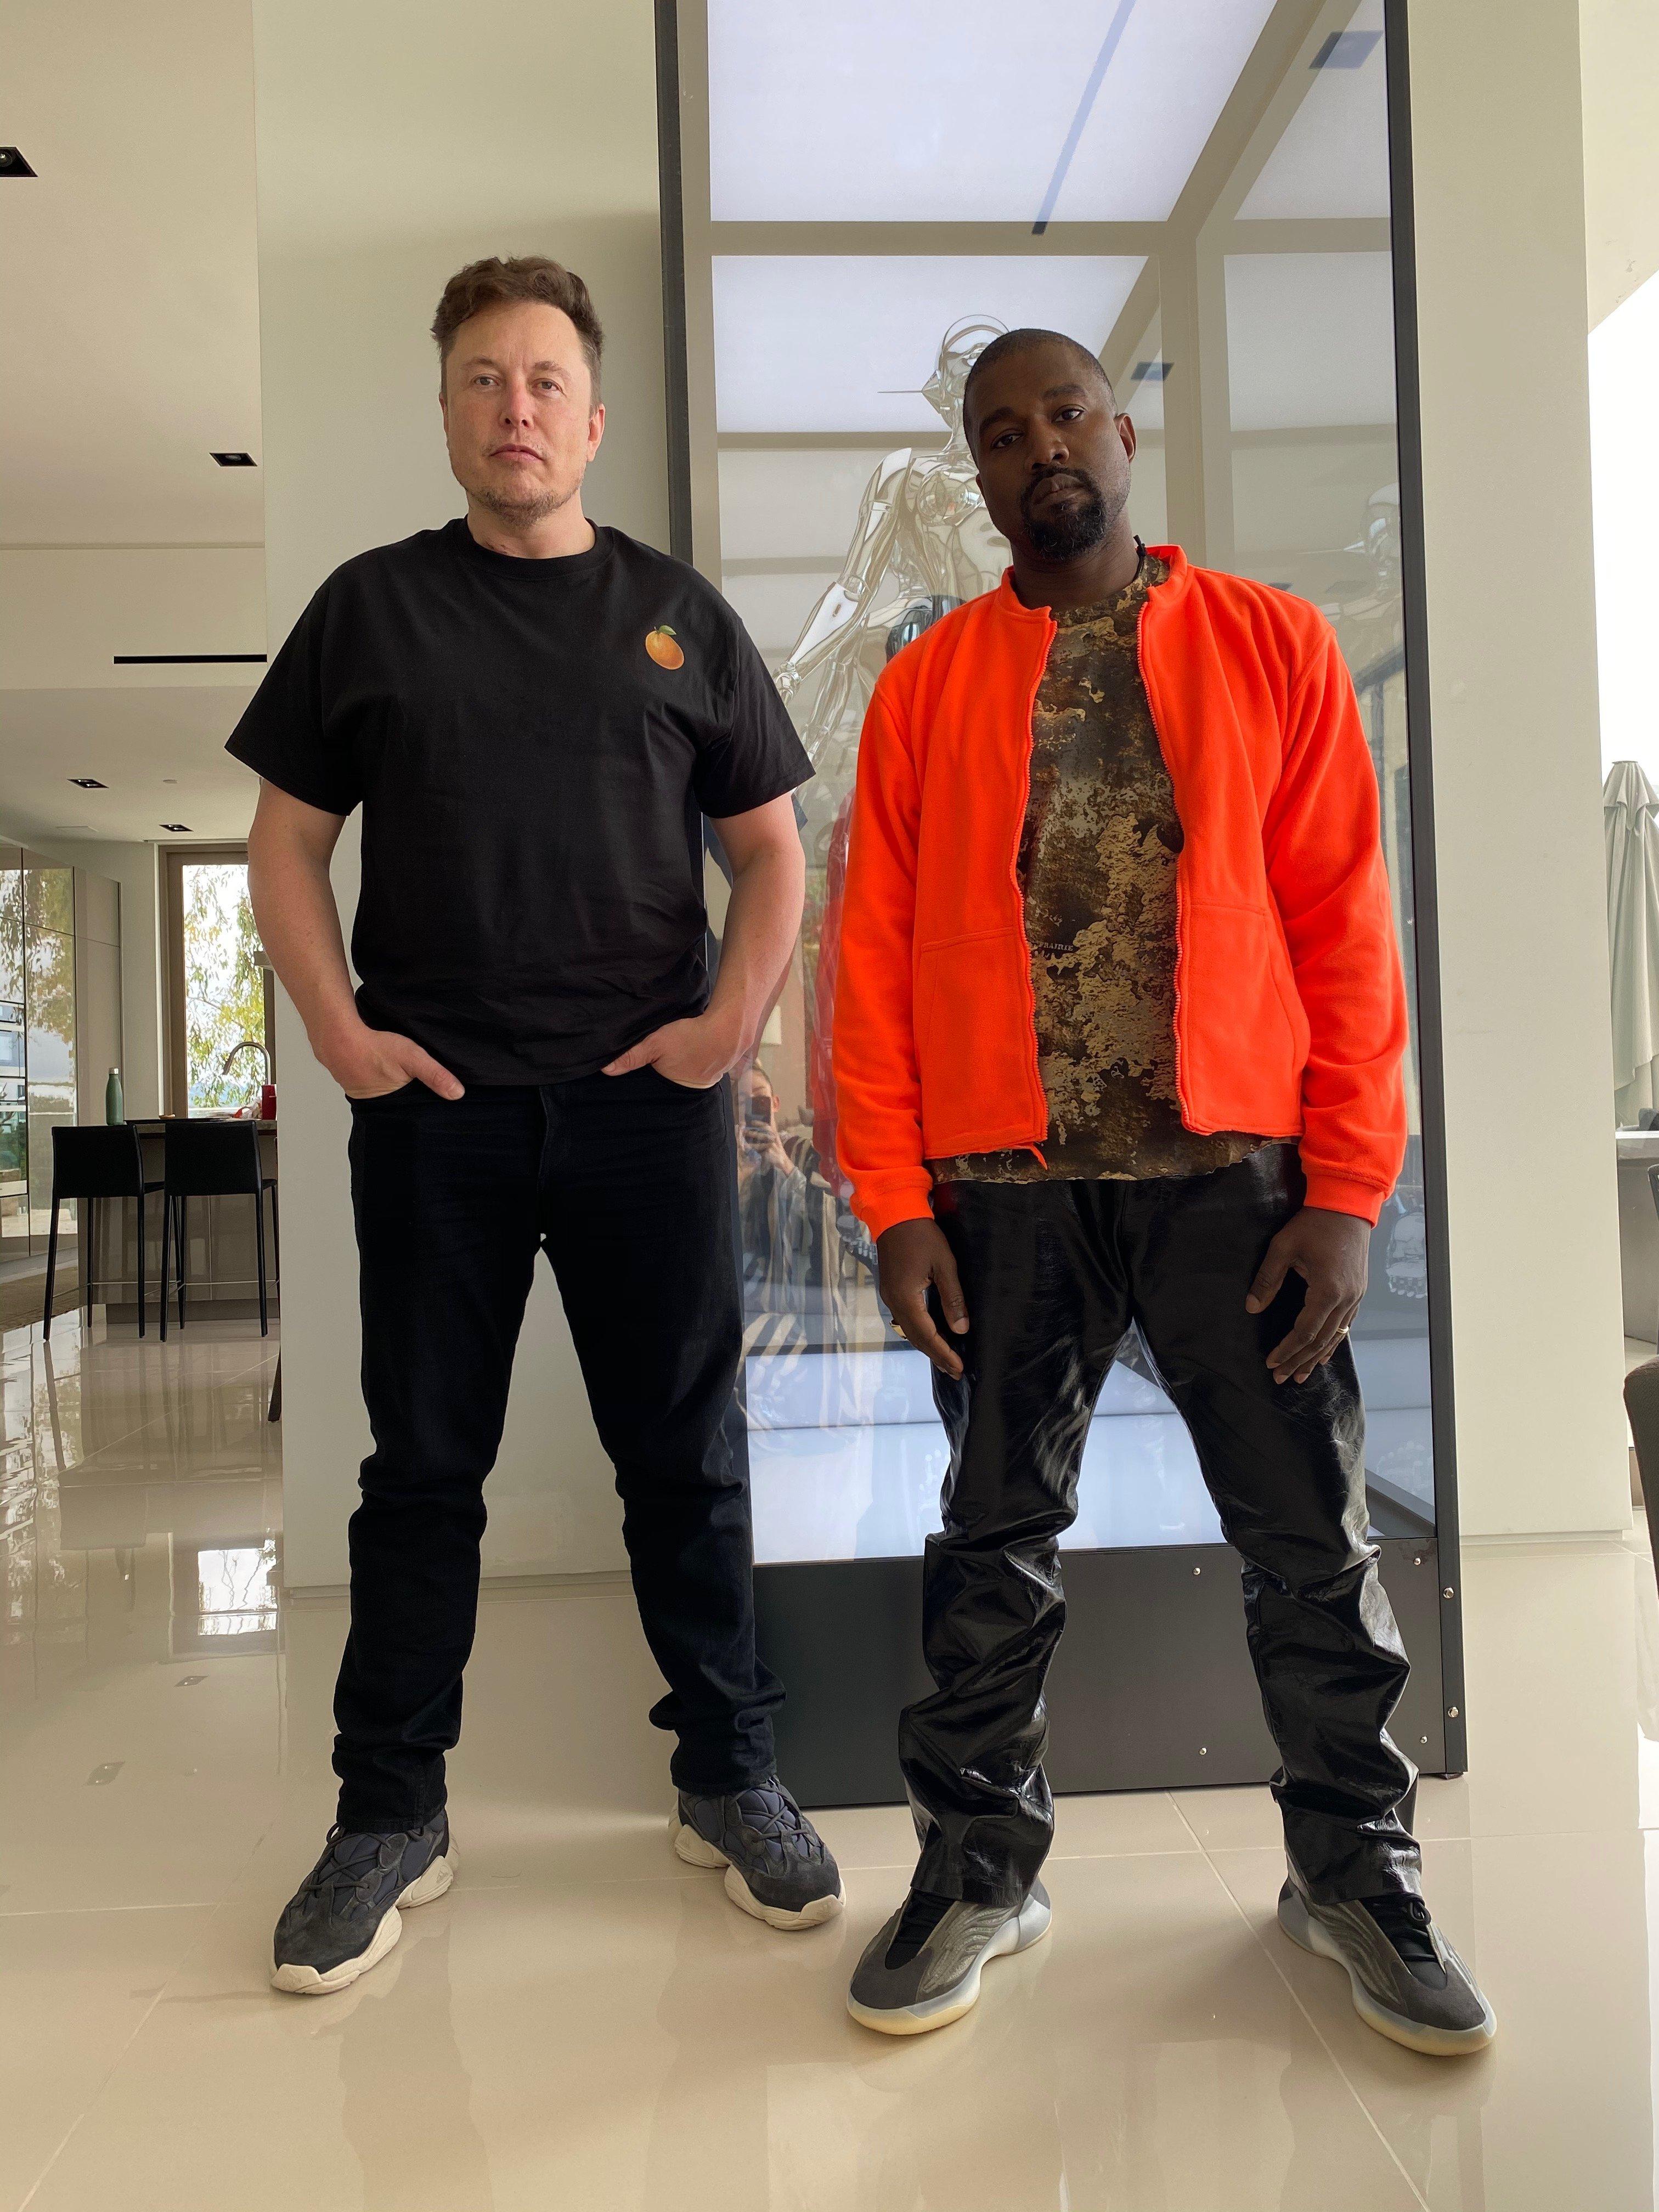 肯伊威斯特(右)1日在推特貼出和特斯拉創辦人馬斯克的合照。(取材自推特)